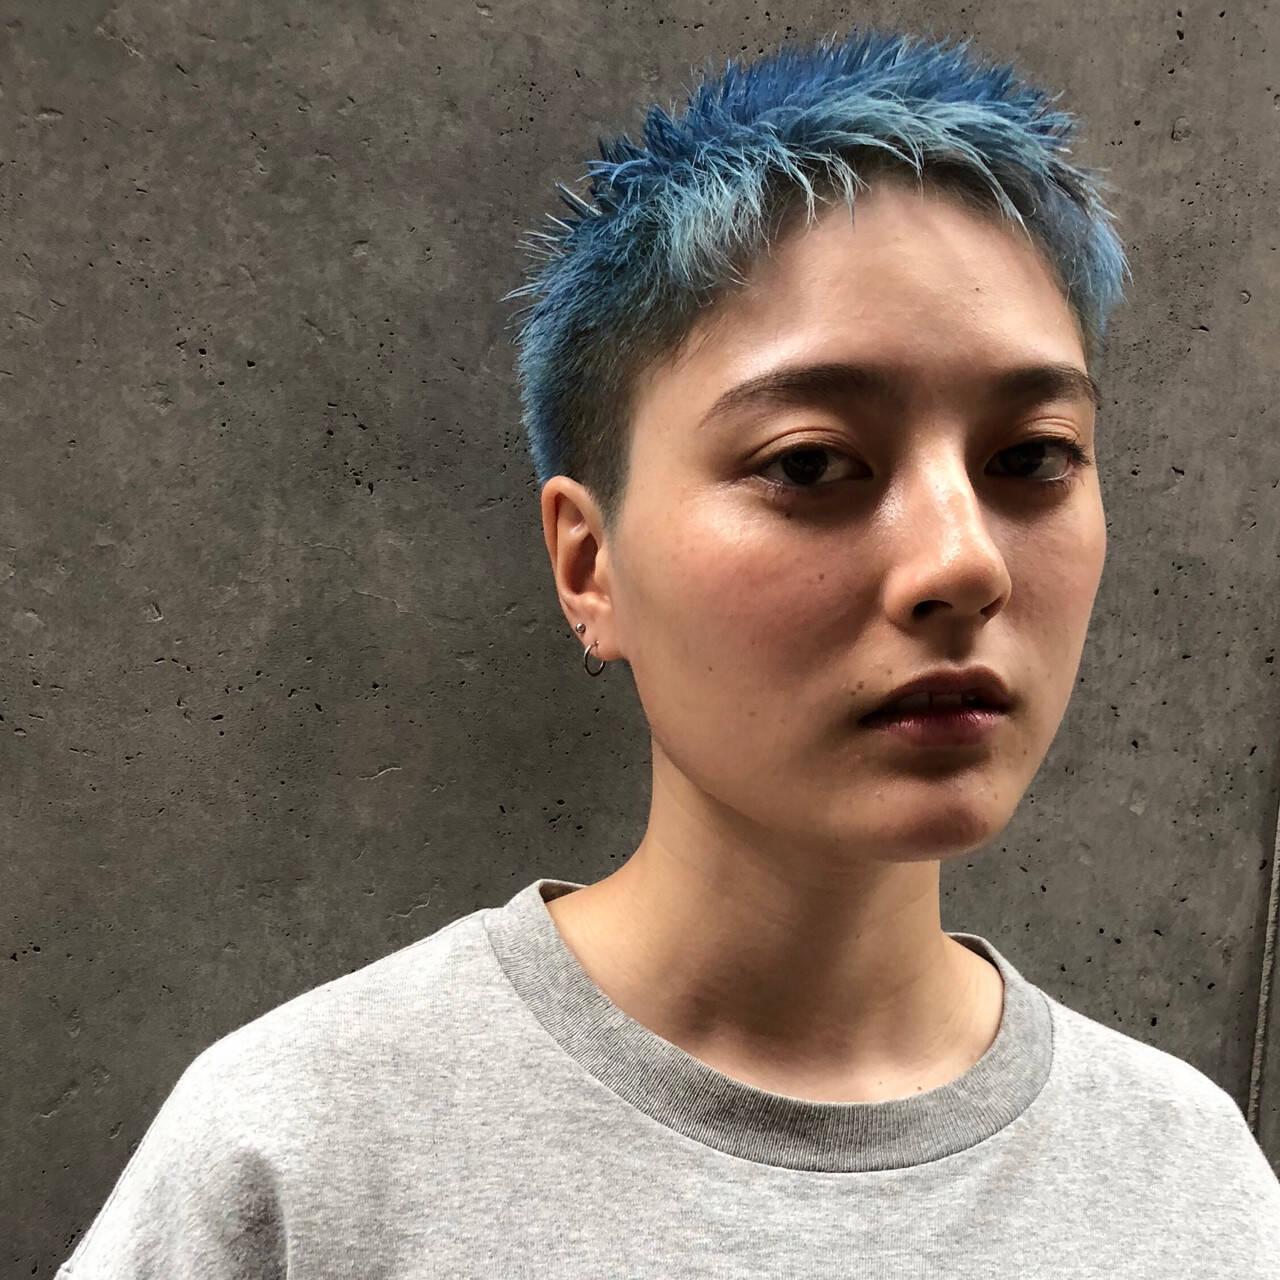 ベリーショート ショートヘア ショート 刈り上げショートヘアスタイルや髪型の写真・画像